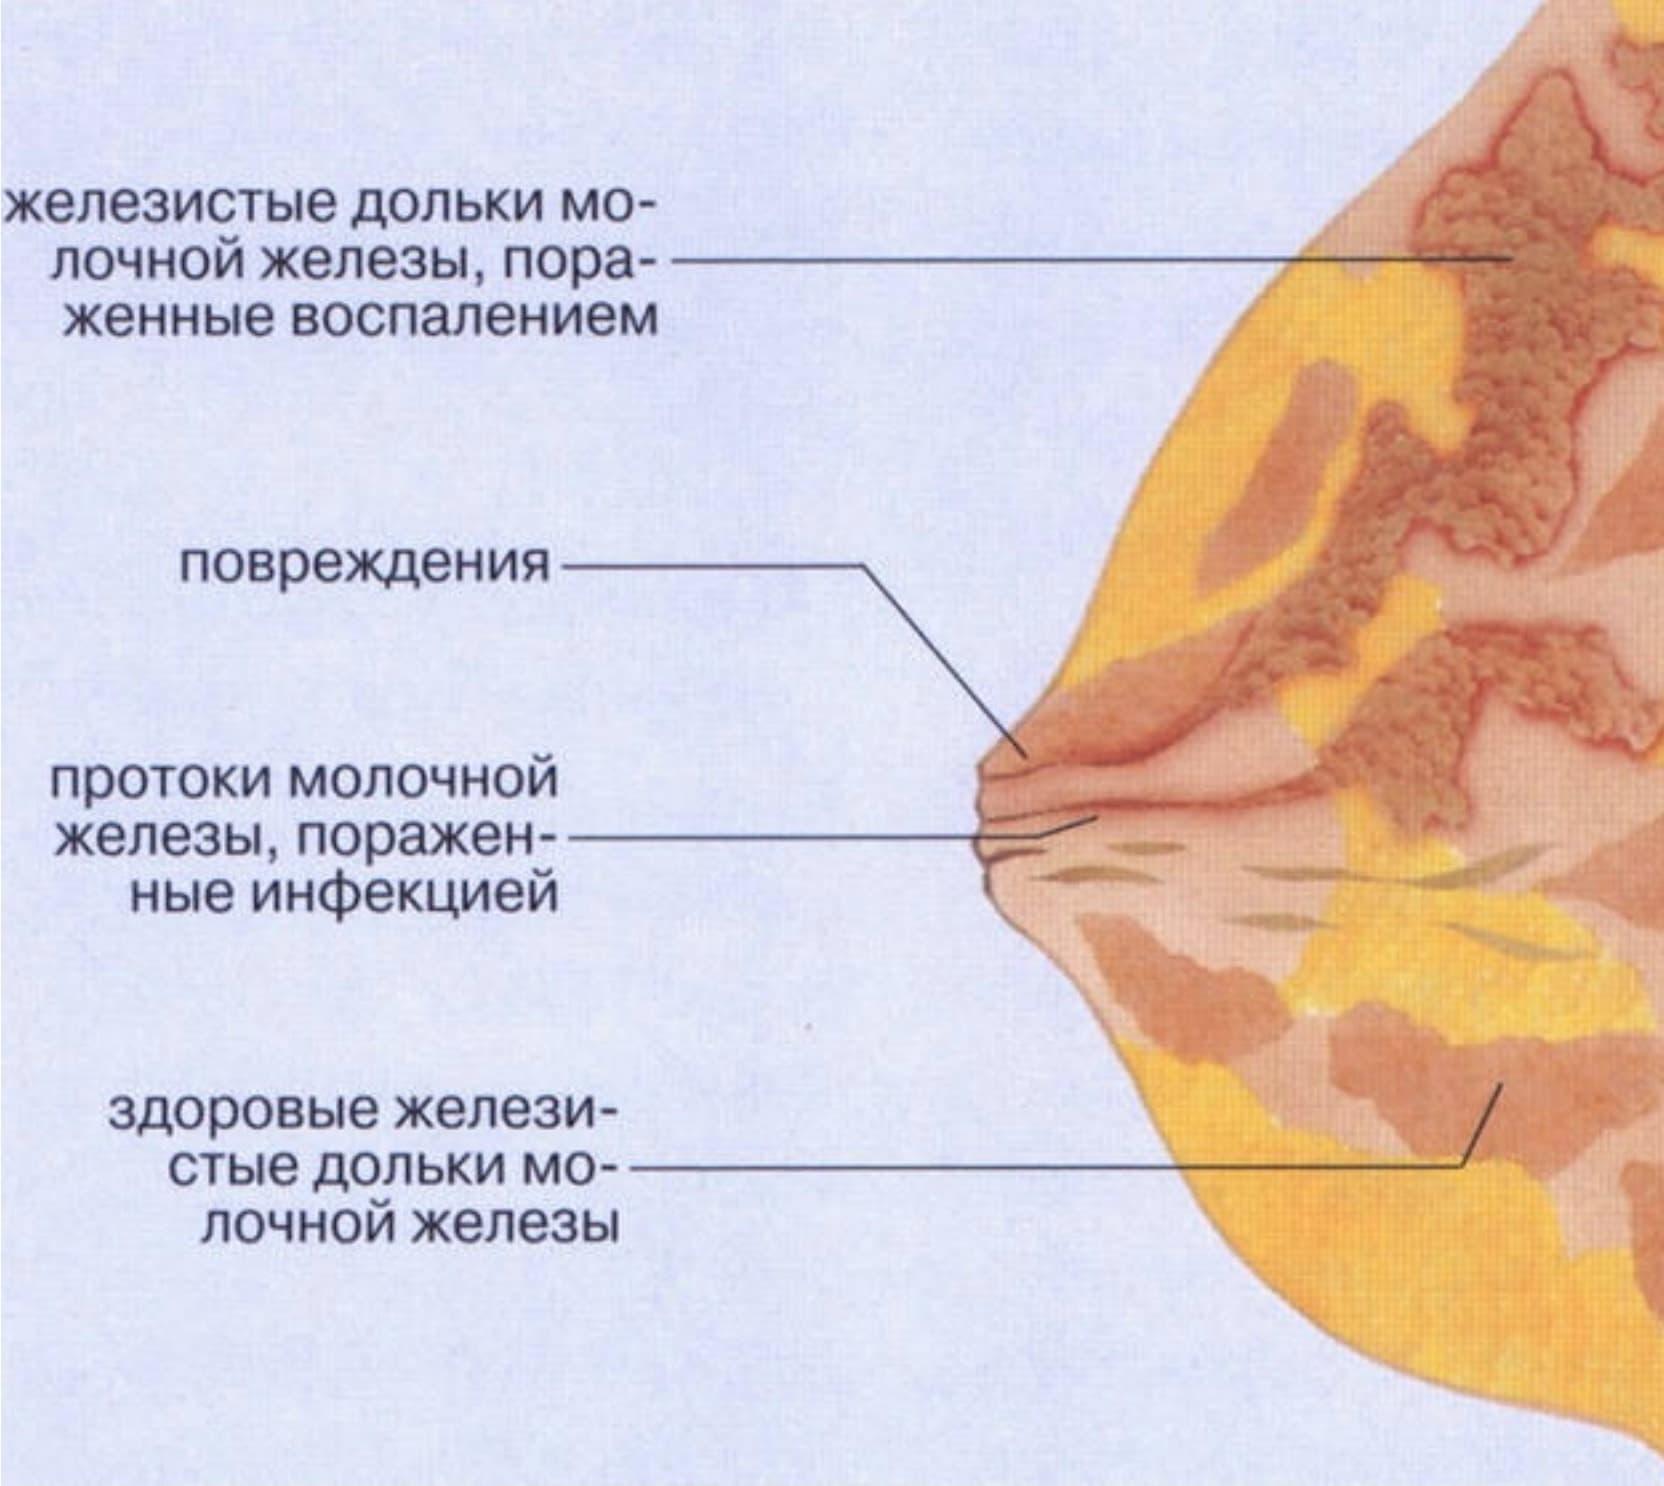 Схема развития гнойного процесса